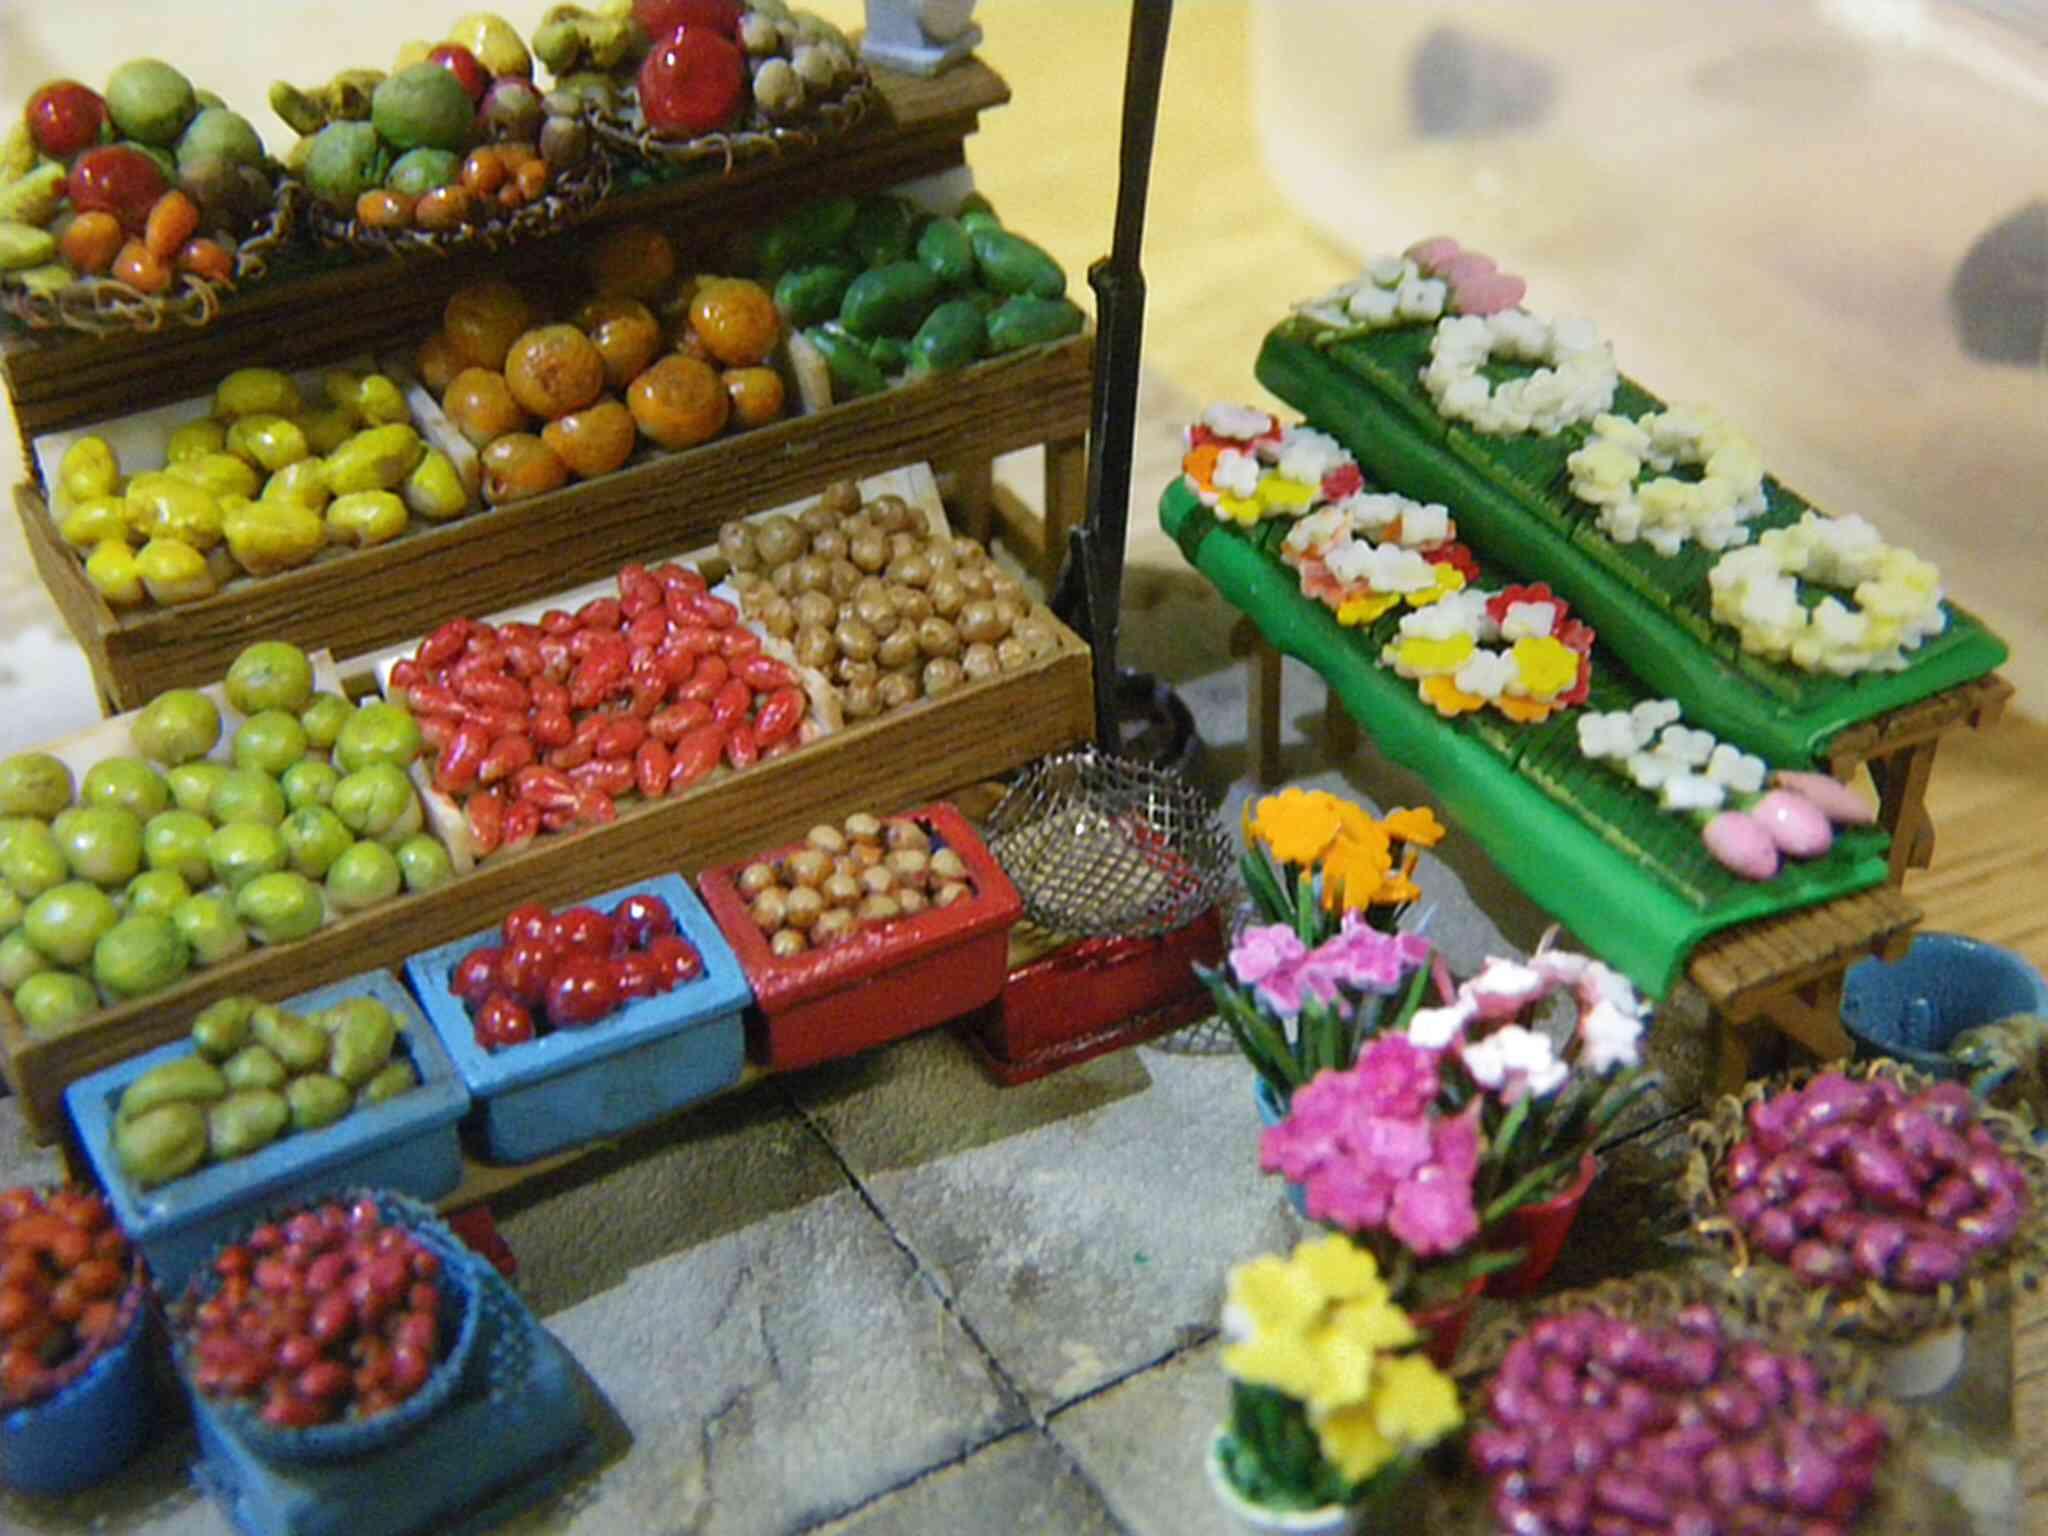 ▼こちらは市場のフルーツ。本物と区別がつかないほどリアルなのに米粒大なんです。